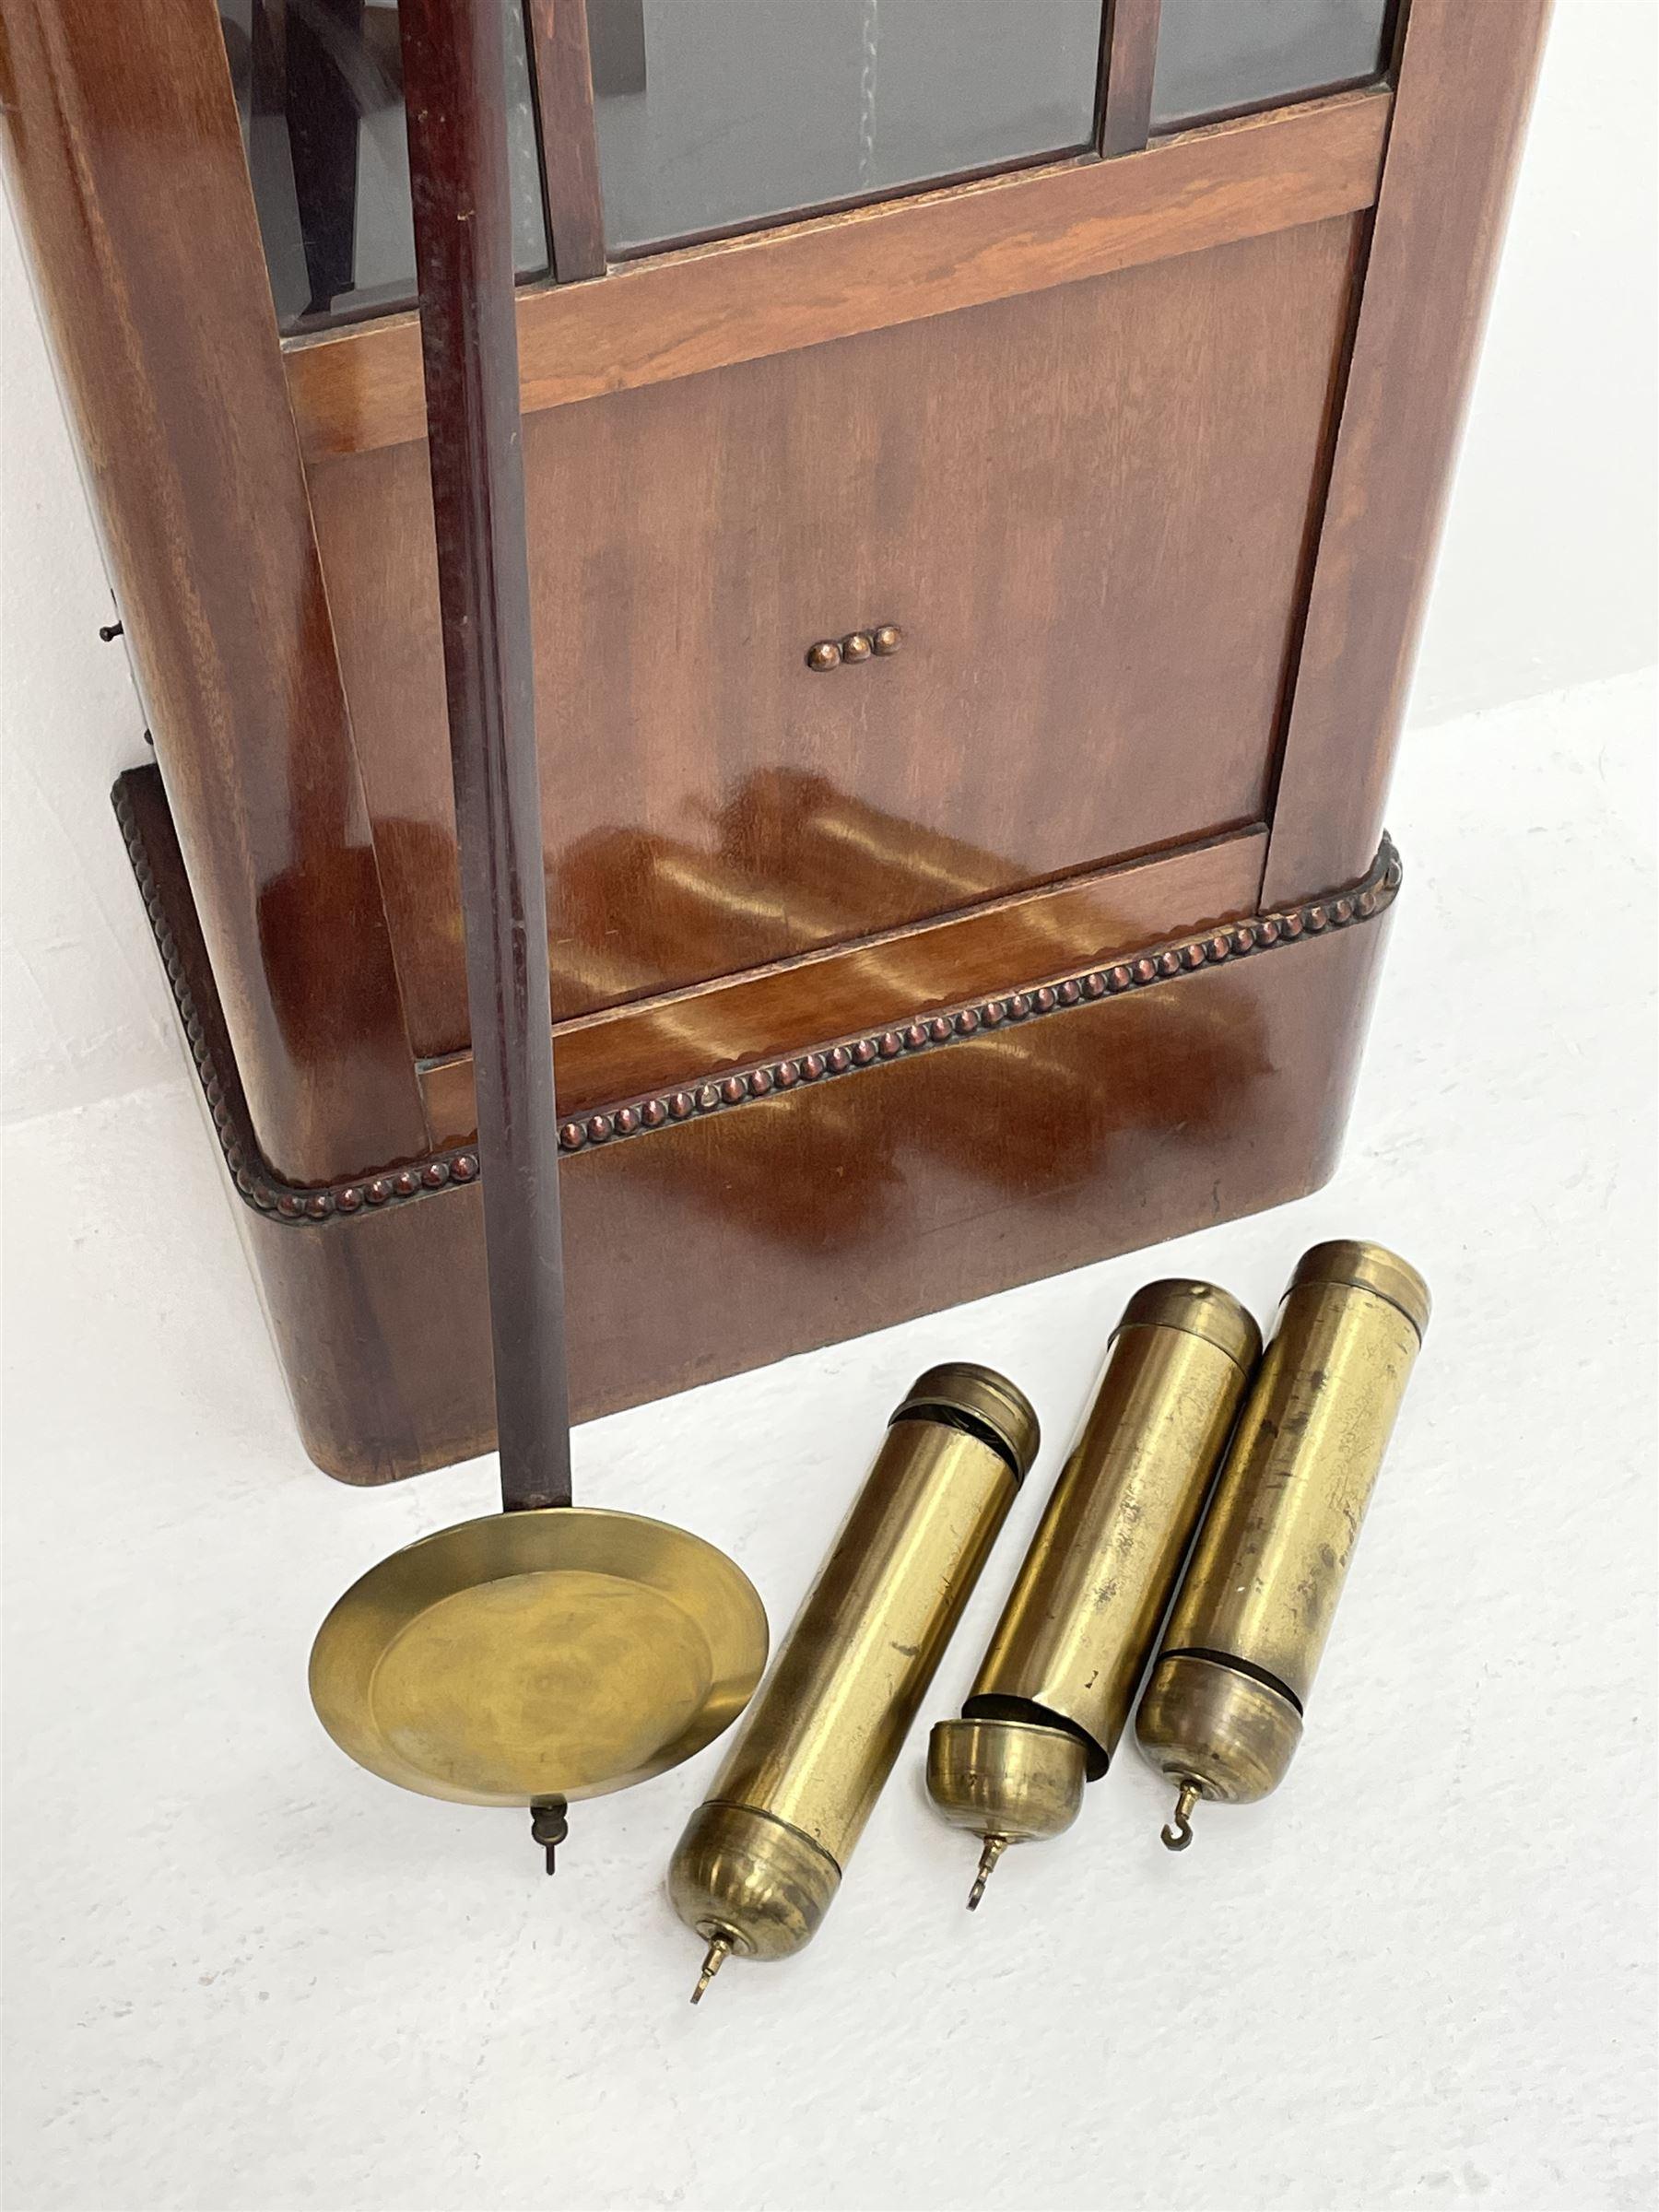 Early 20th century mahogany longcase clock - Image 2 of 4